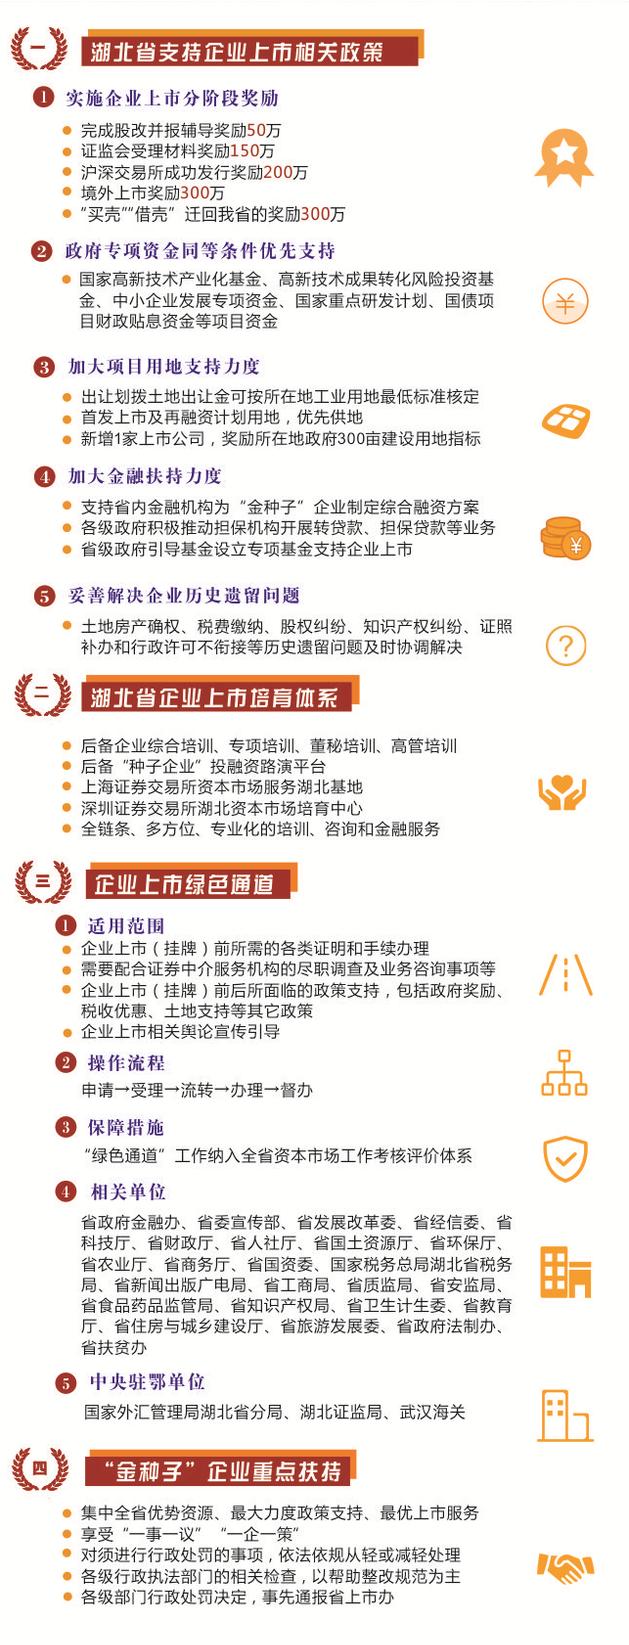 """敏芯长盈通等上榜湖北新版上市后备""""金种子""""""""科创板种子""""名单"""